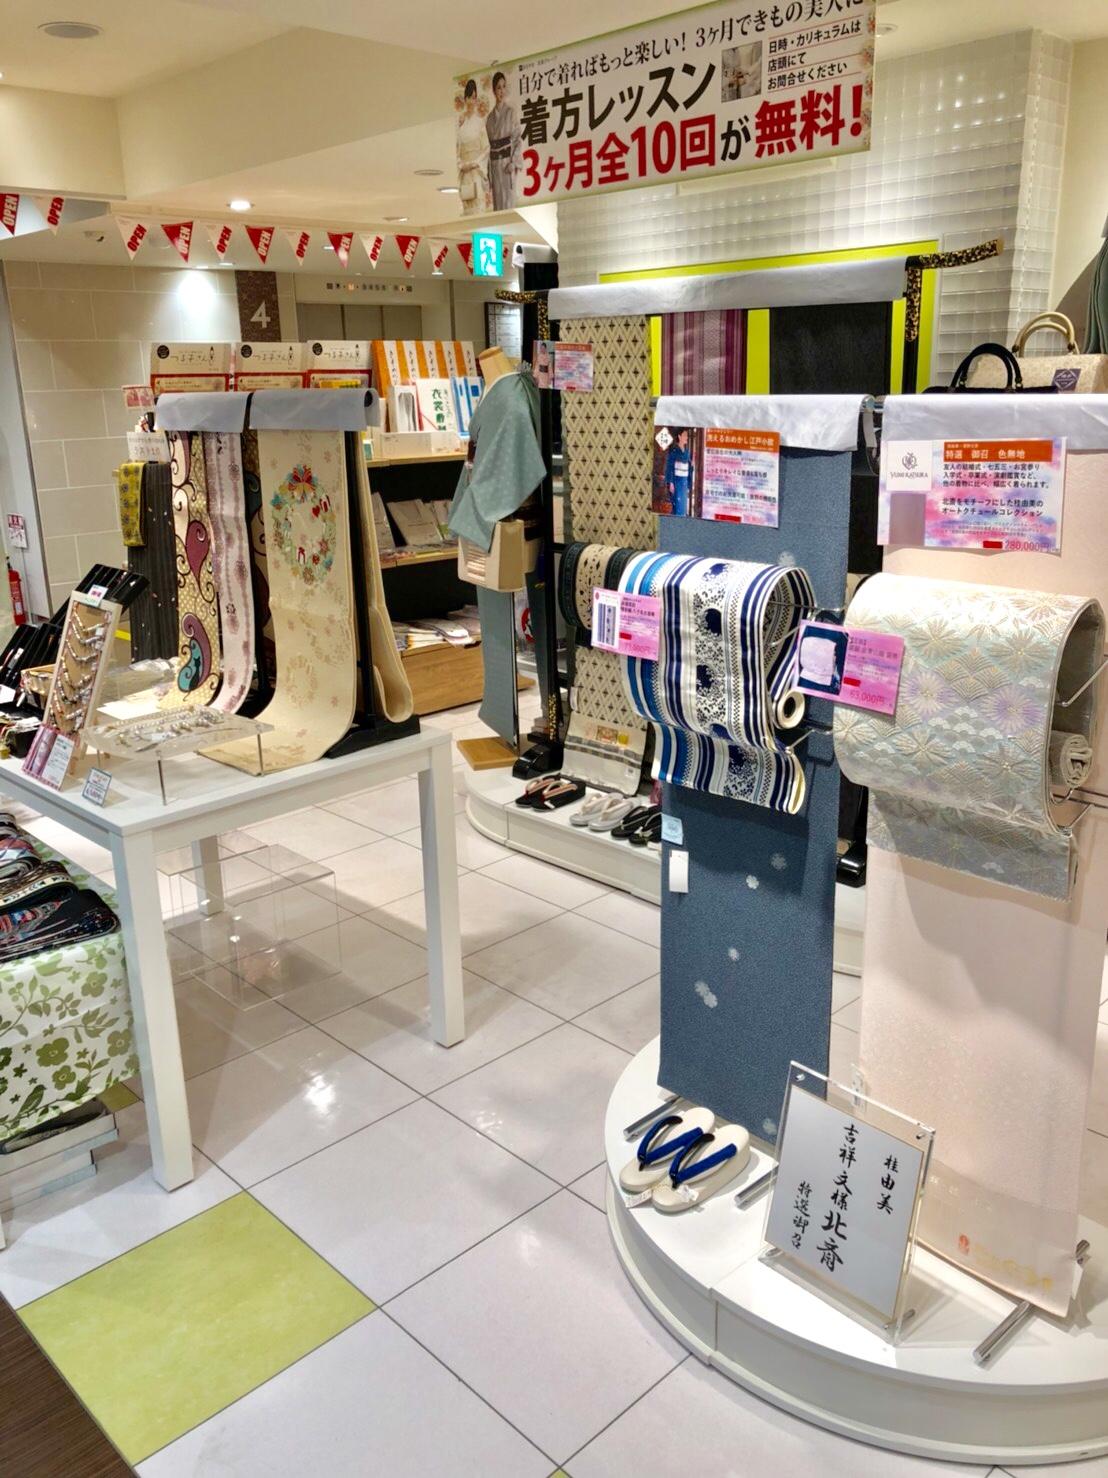 浅草の店舗画像05